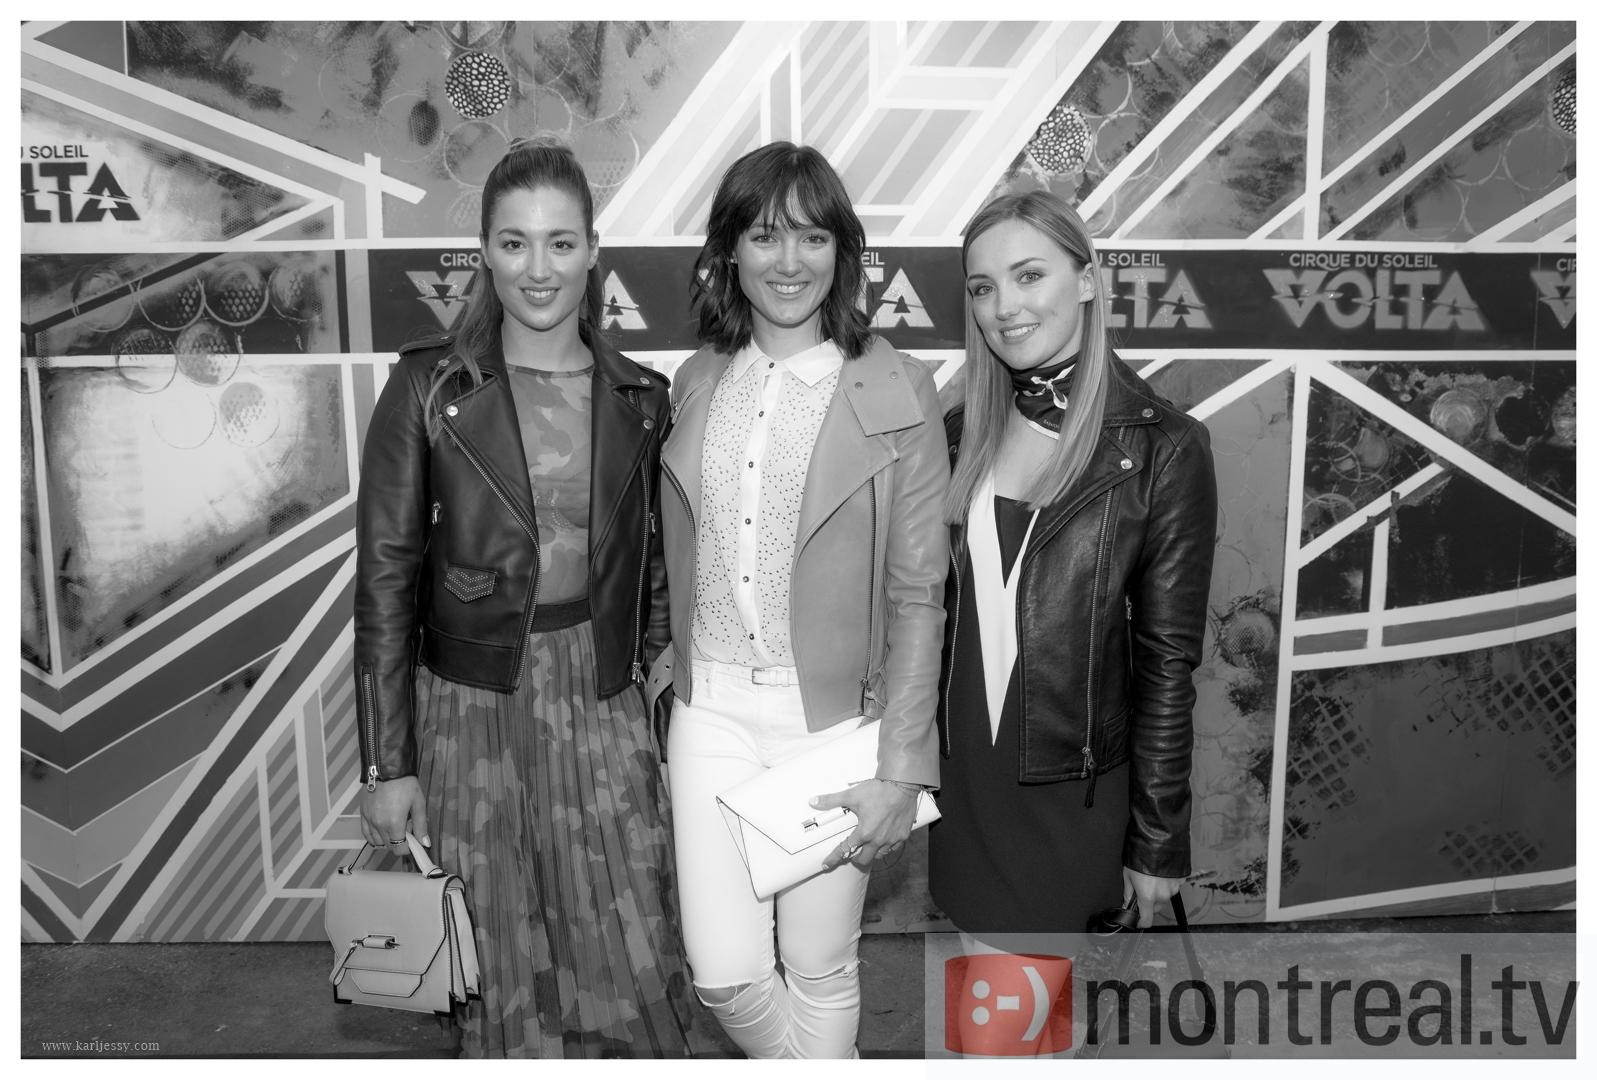 Soeur Dufour Lapointe_RedCarpet_MontrealTV_VOLTA_RedCarpet_MontrealTV